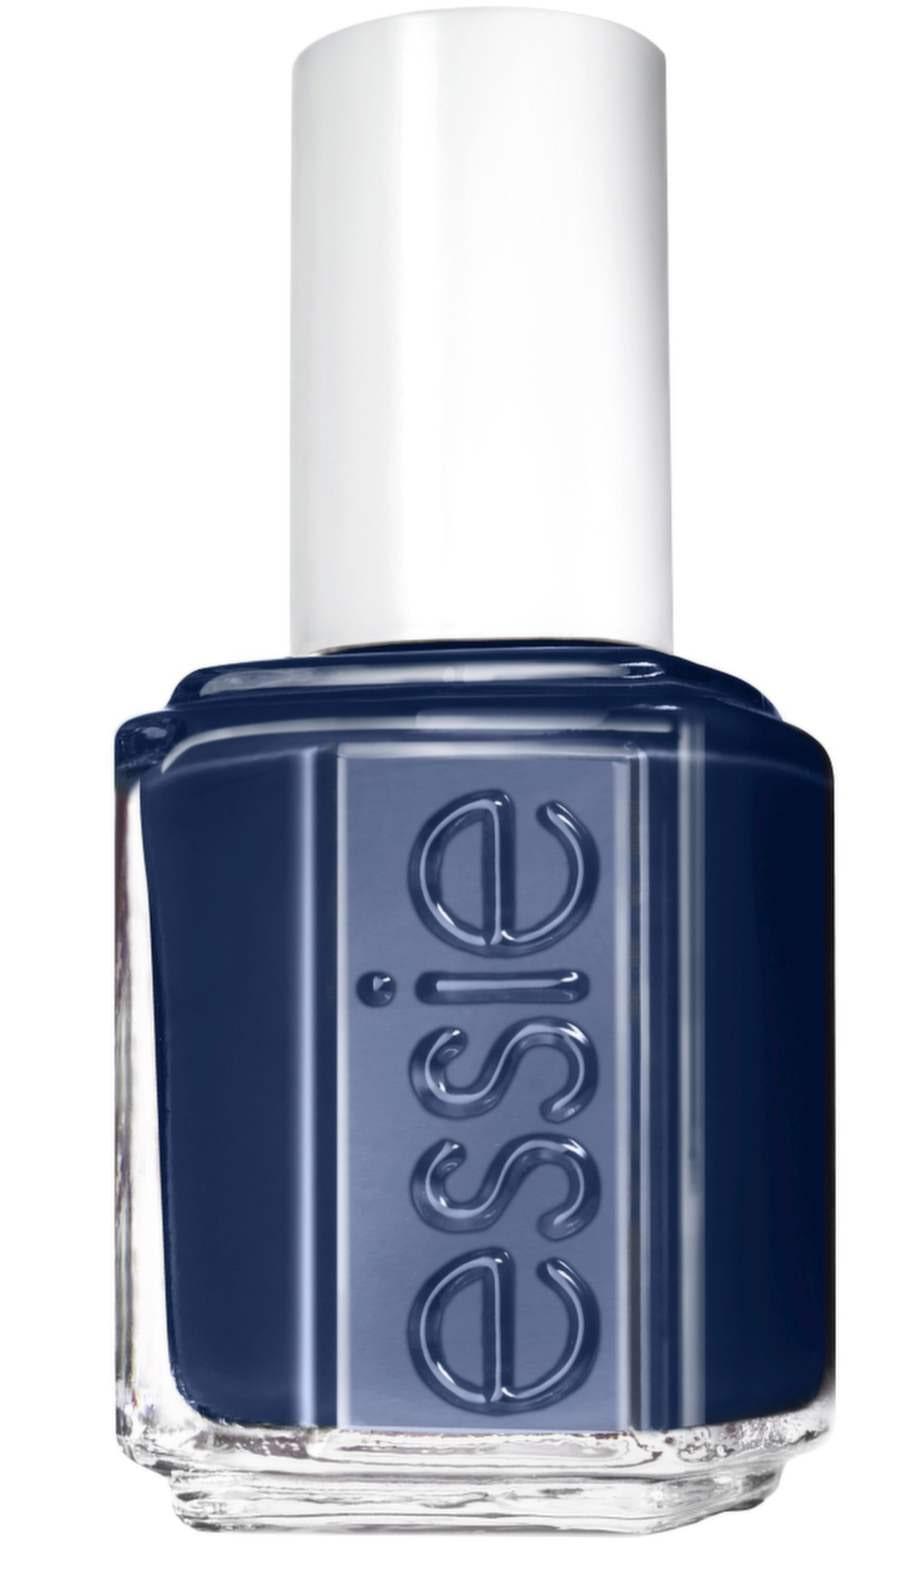 Midnattsblått lack från Essie, 129 kronor.